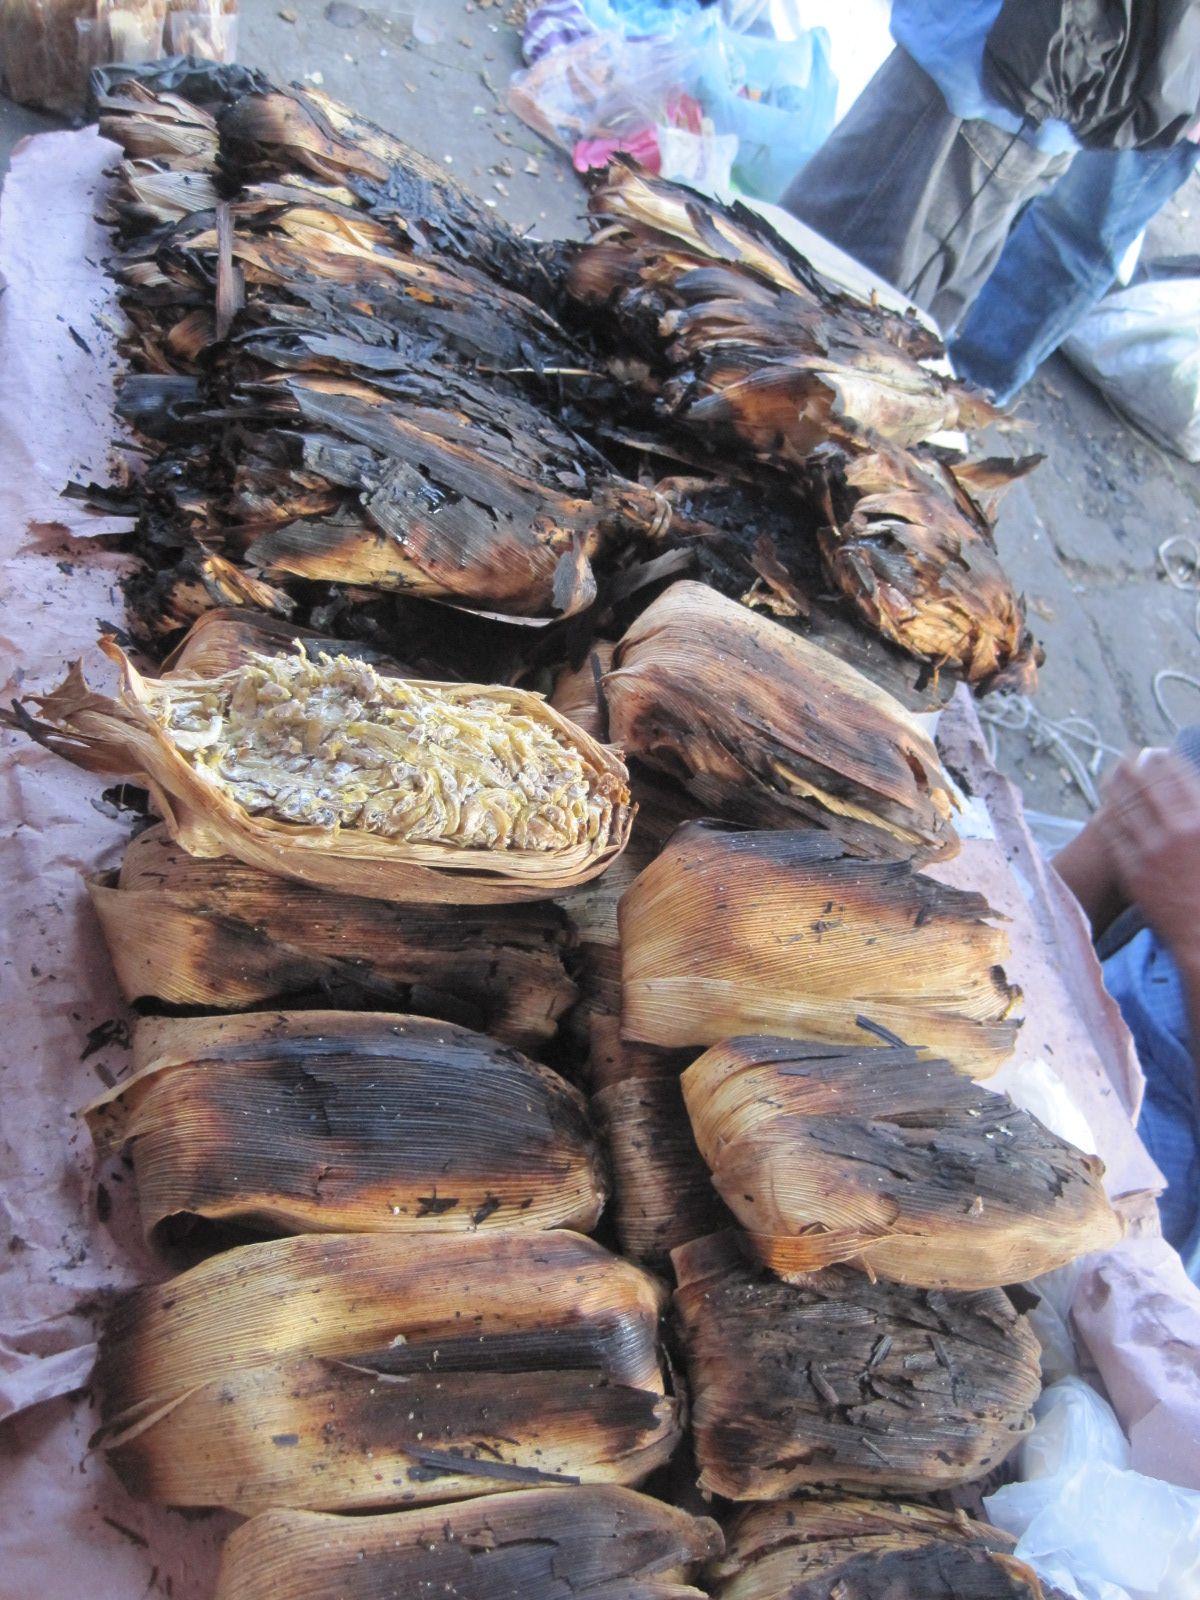 Charales fish